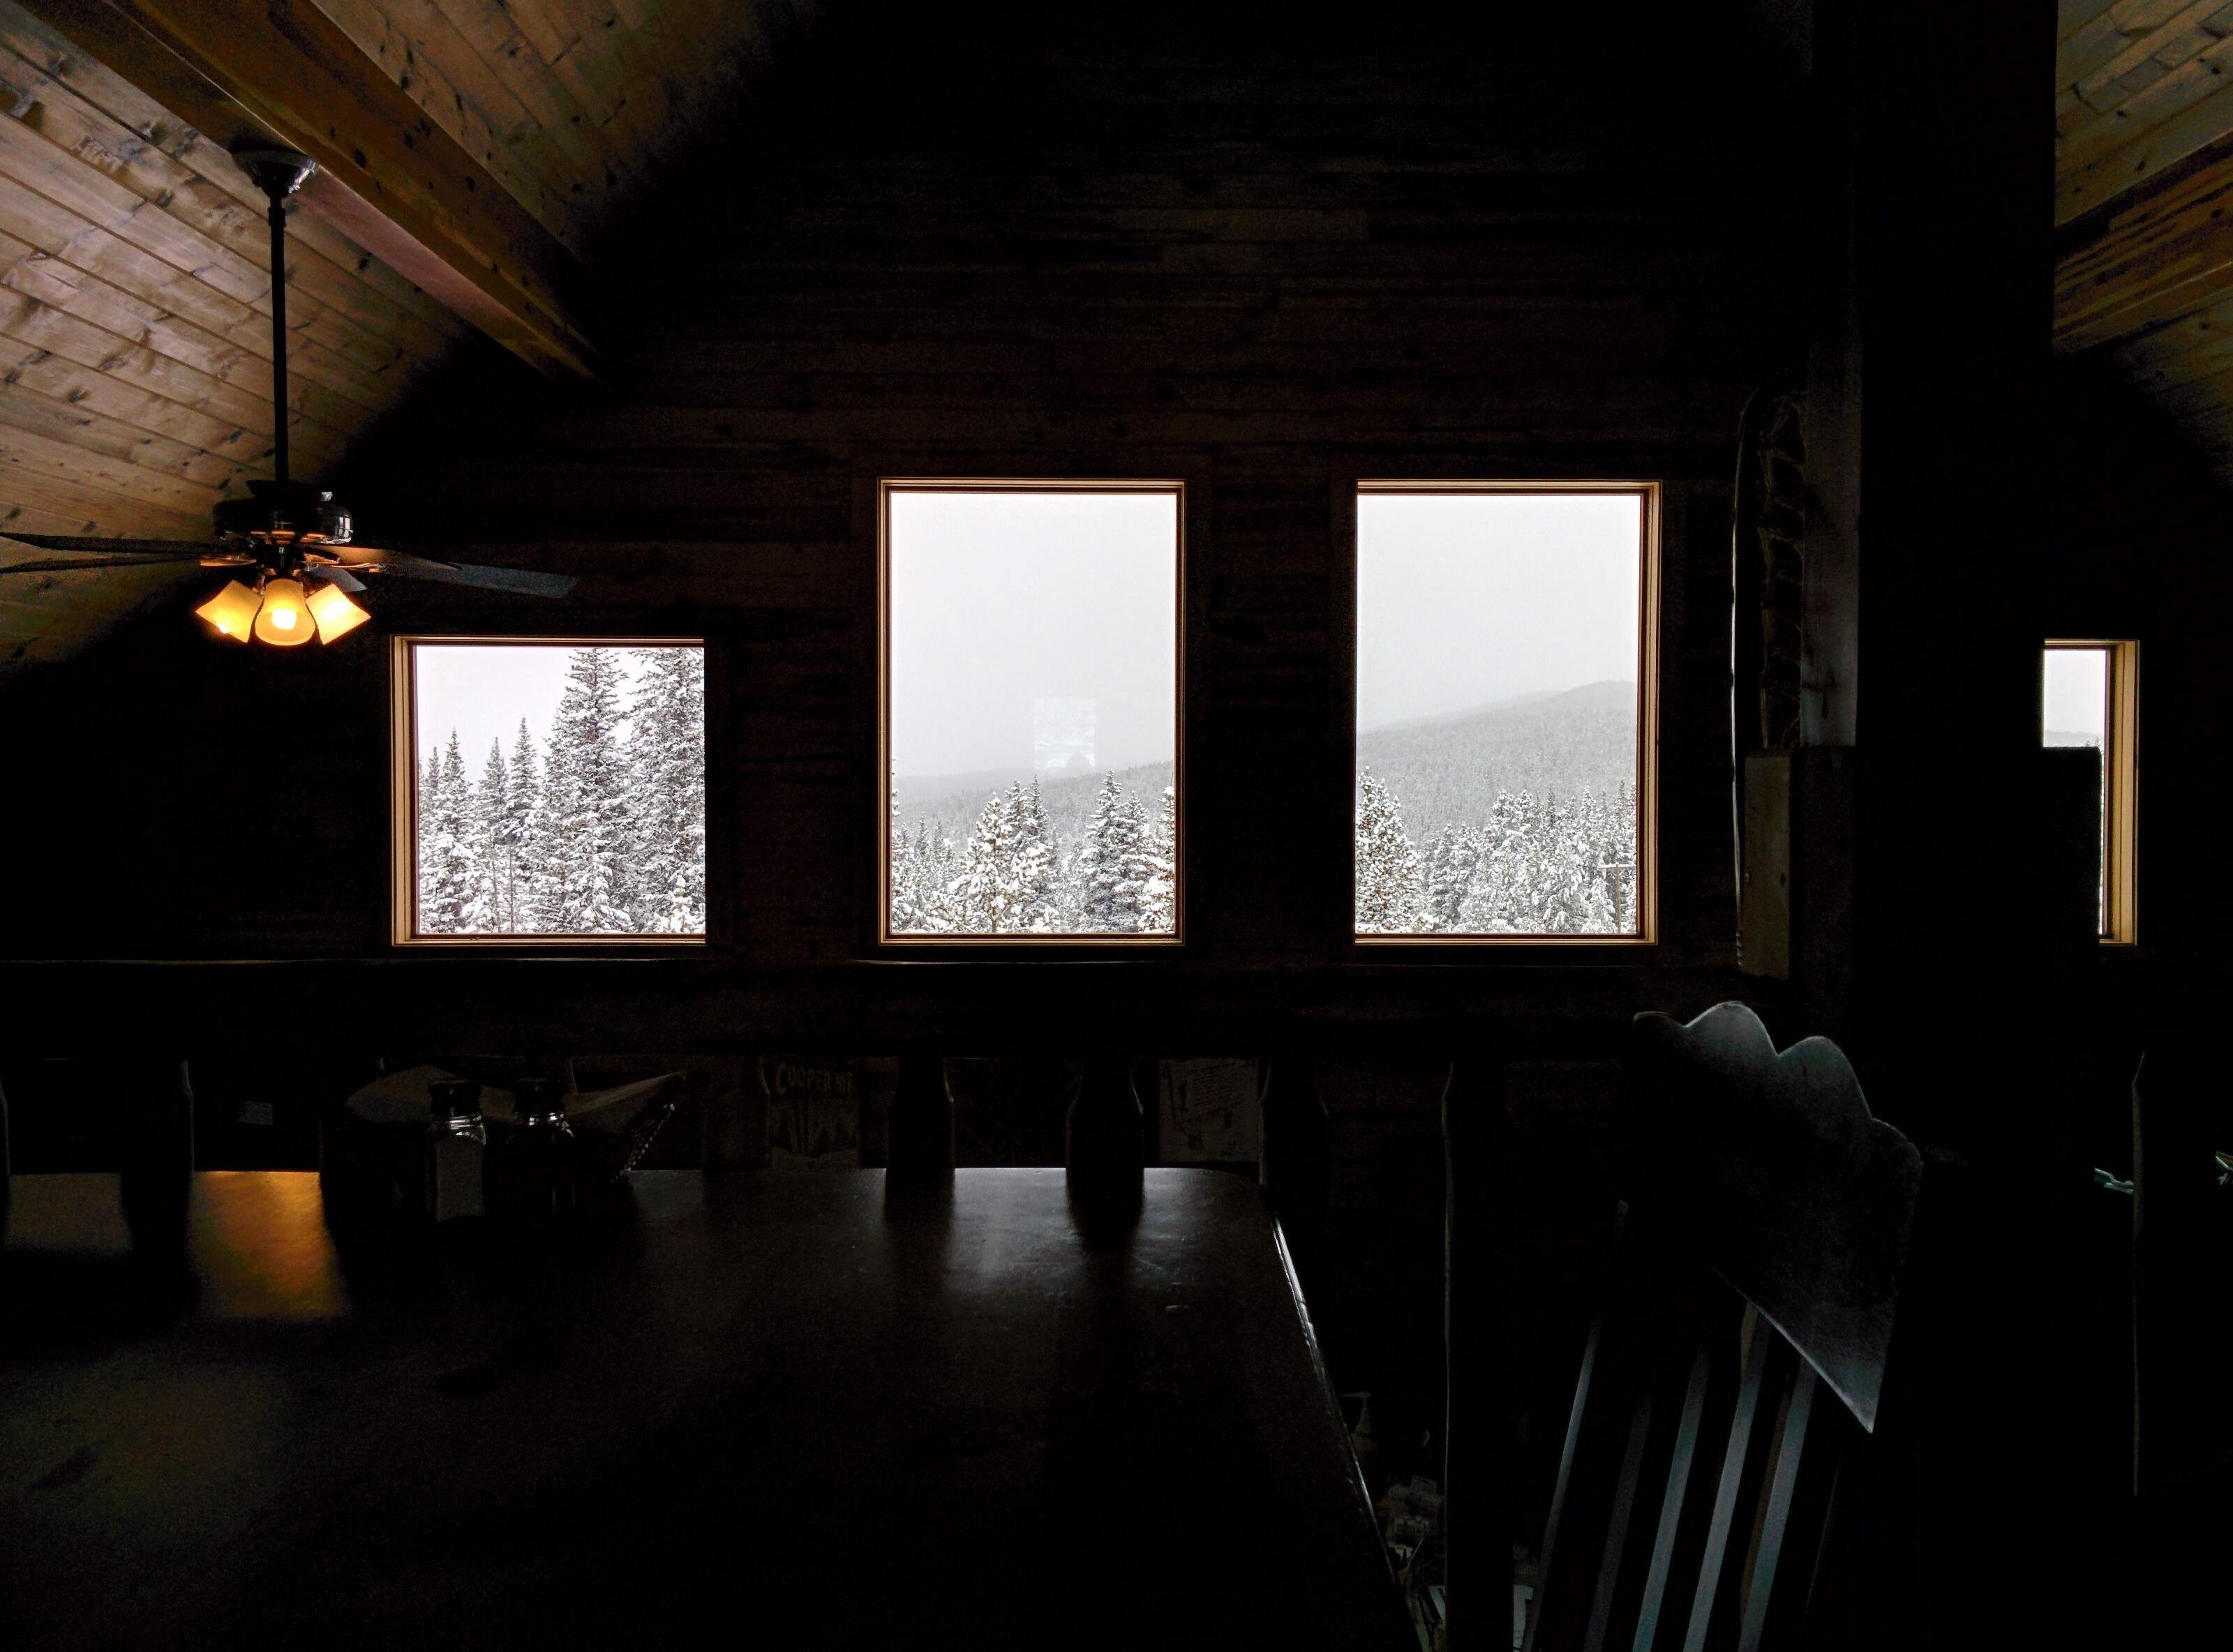 Immagini belle leggero casa finestra oscurità soggiorno